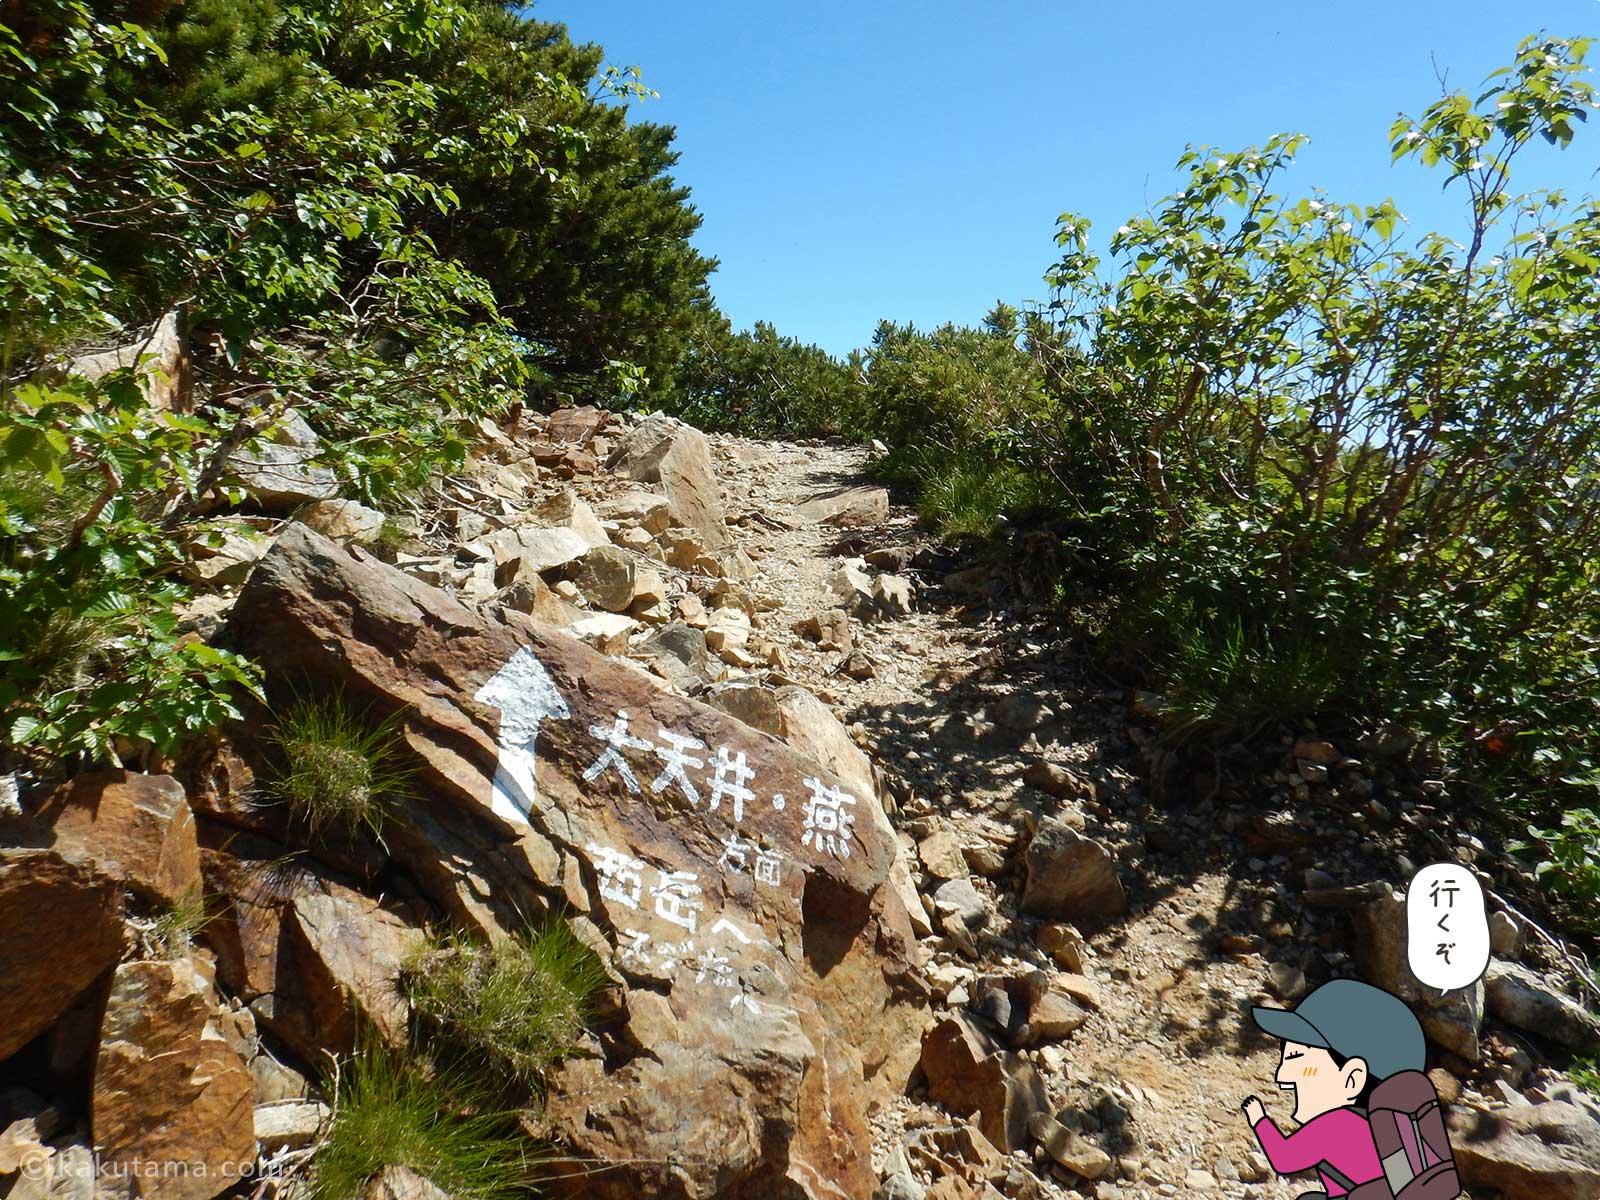 西岳から大天井岳へ向かって歩きだす